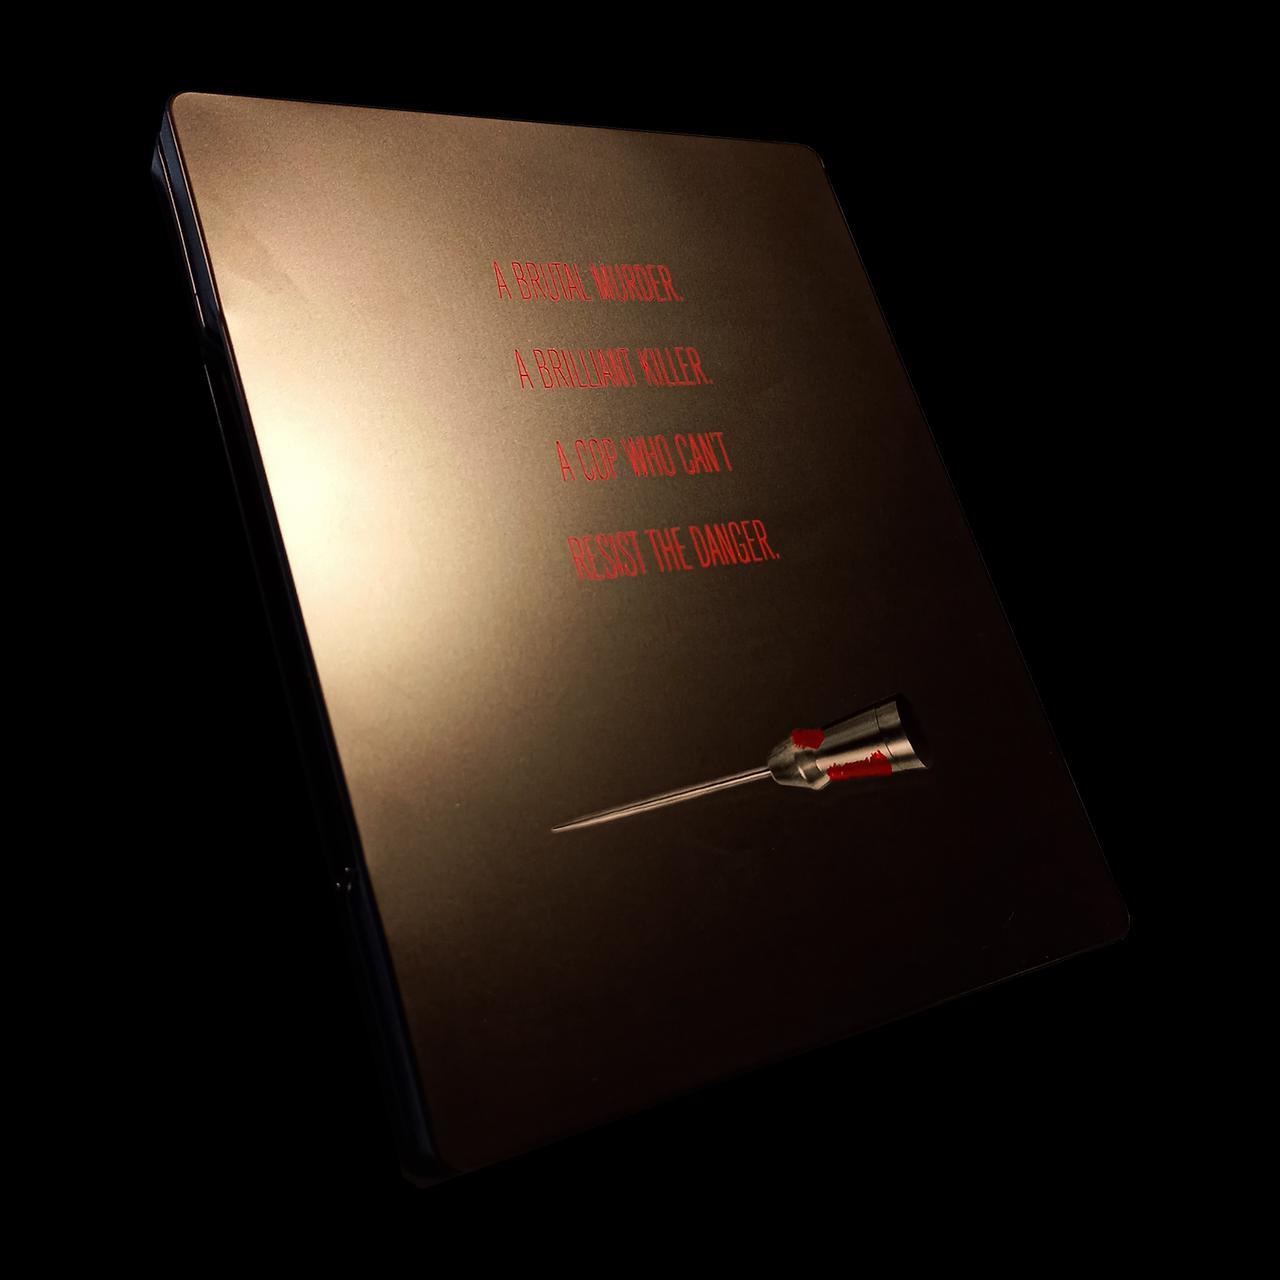 画像: 4K UHD BLU-RAY レビュー『氷の微笑』ポール・ヴァーホーヴェン監督【世界4K-Hakken伝】